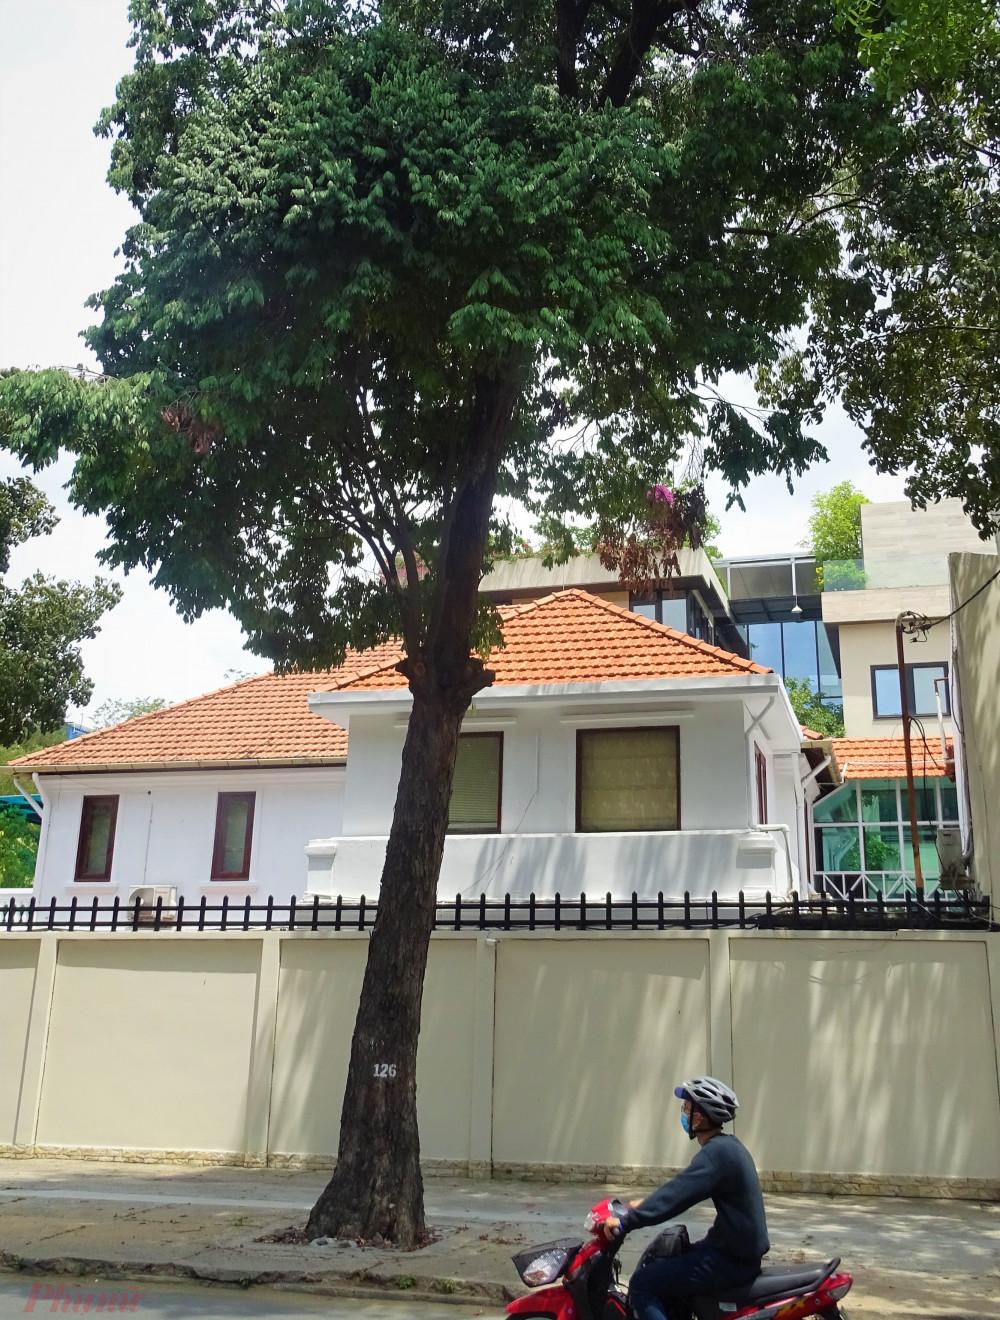 Cây vấp cổ thụ duy nhất còn sót lại trên đường phố TPHCM hiện nay, từng là loại cây đặc thù ở vùng Gò Vấp xưa kia. Ảnh: N. Nhiên.